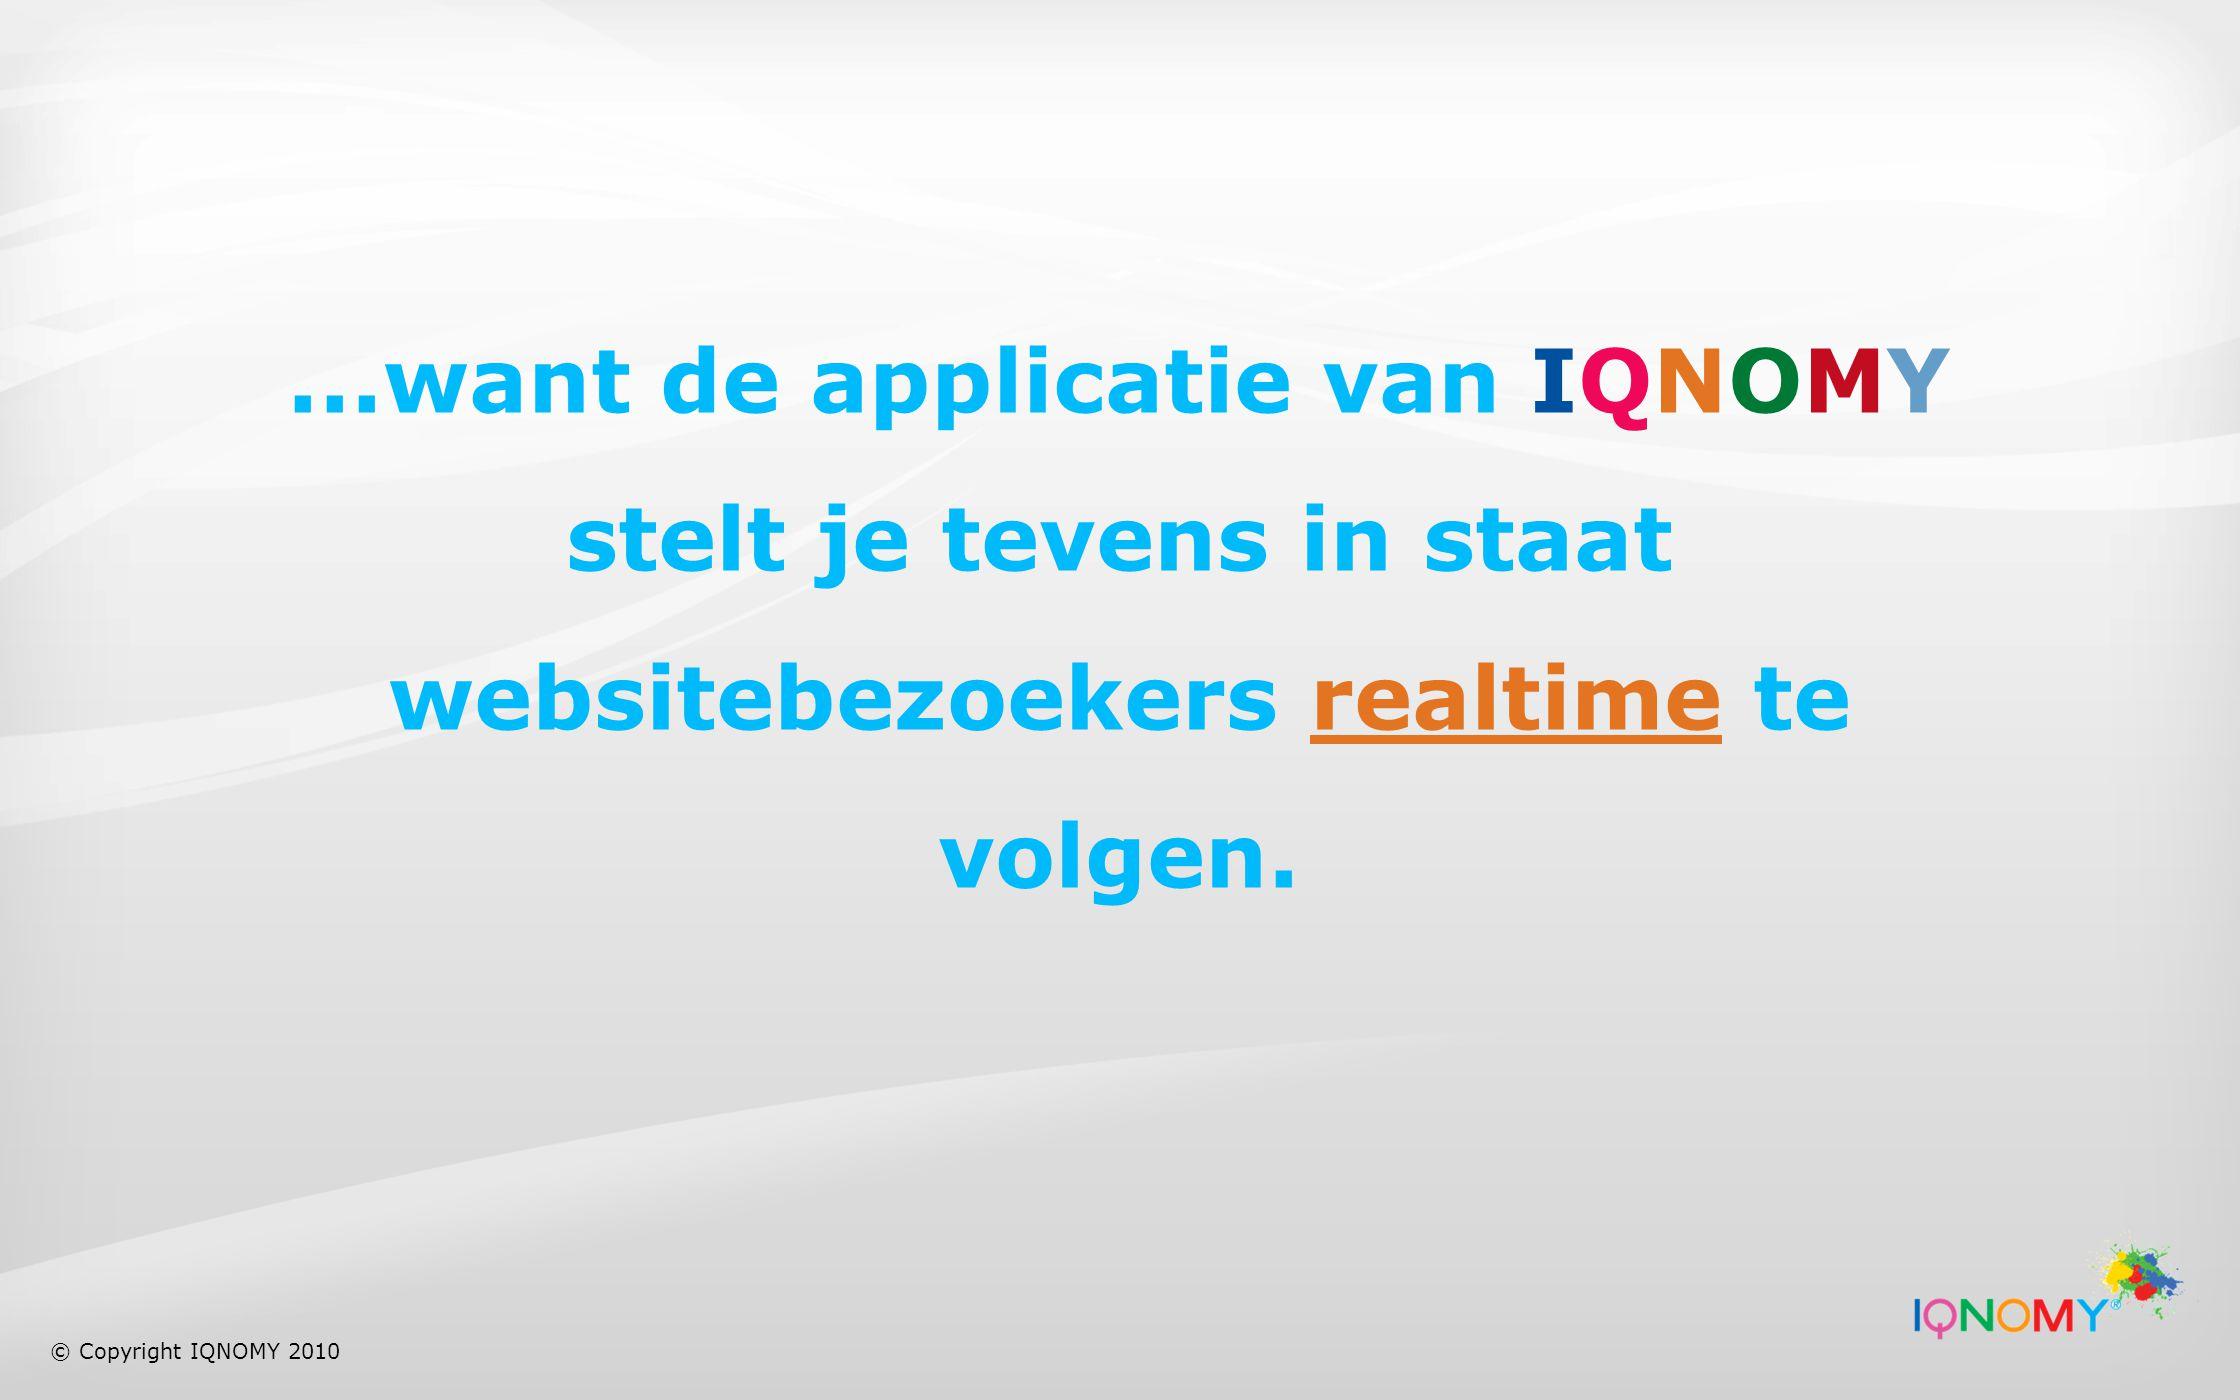 ...want de applicatie van IQNOMY stelt je tevens in staat websitebezoekers realtime te volgen.